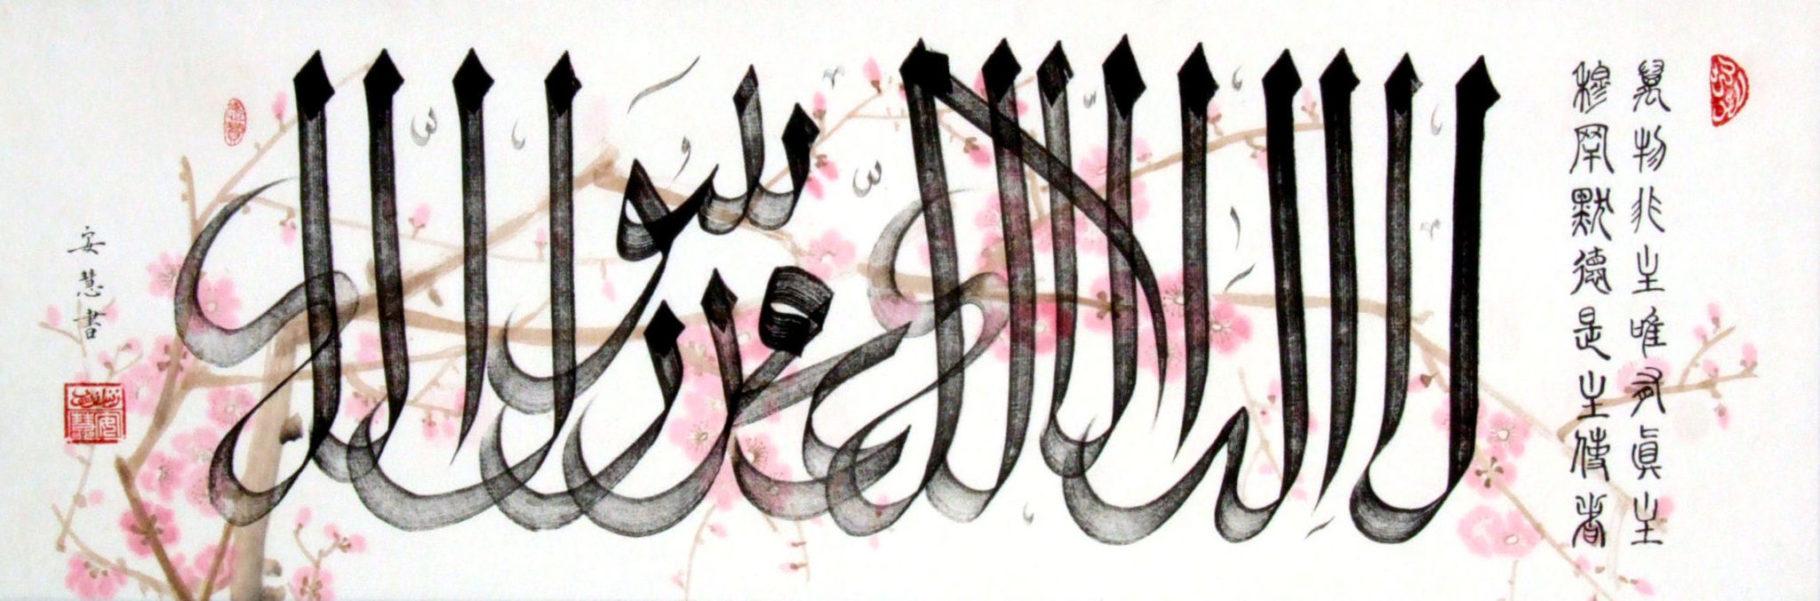 Arabisch-chinesische Kalligraphie – Haji Noor Deen